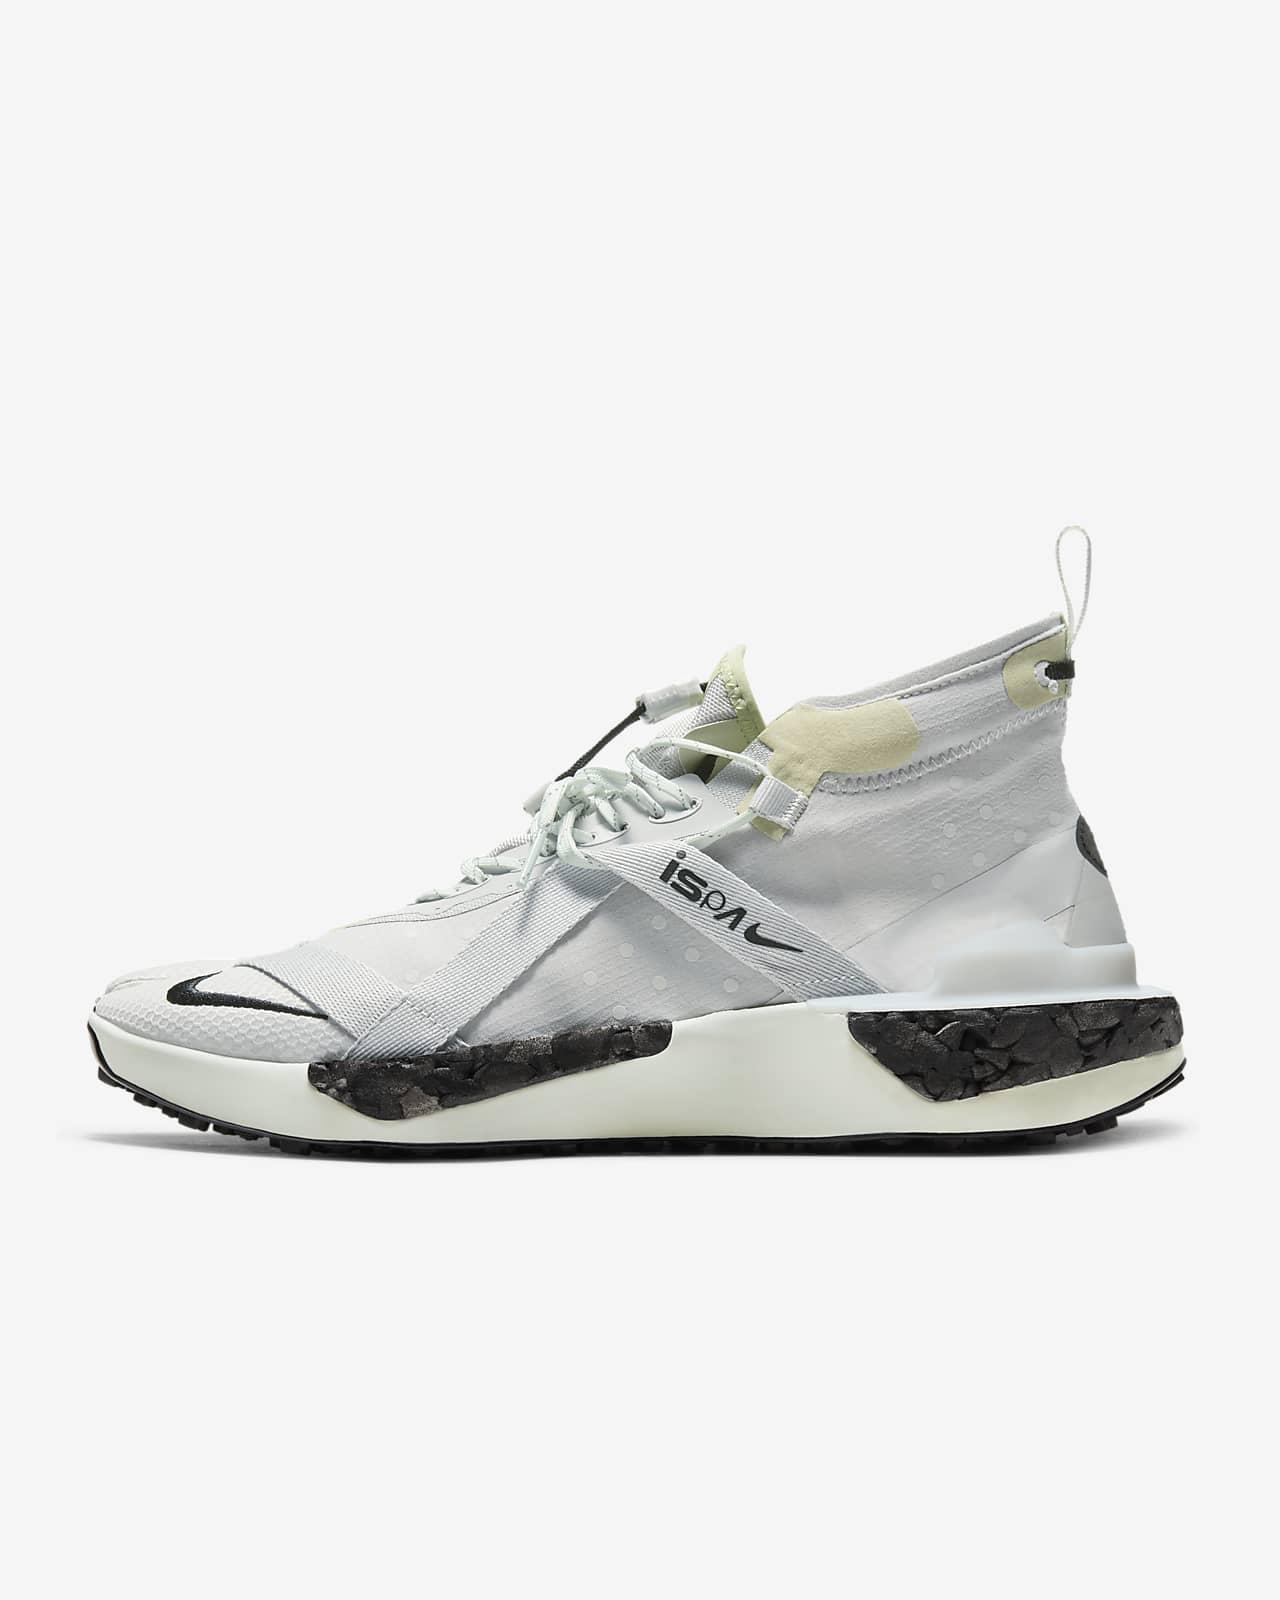 Nike ISPA Drifter Split Zapatillas